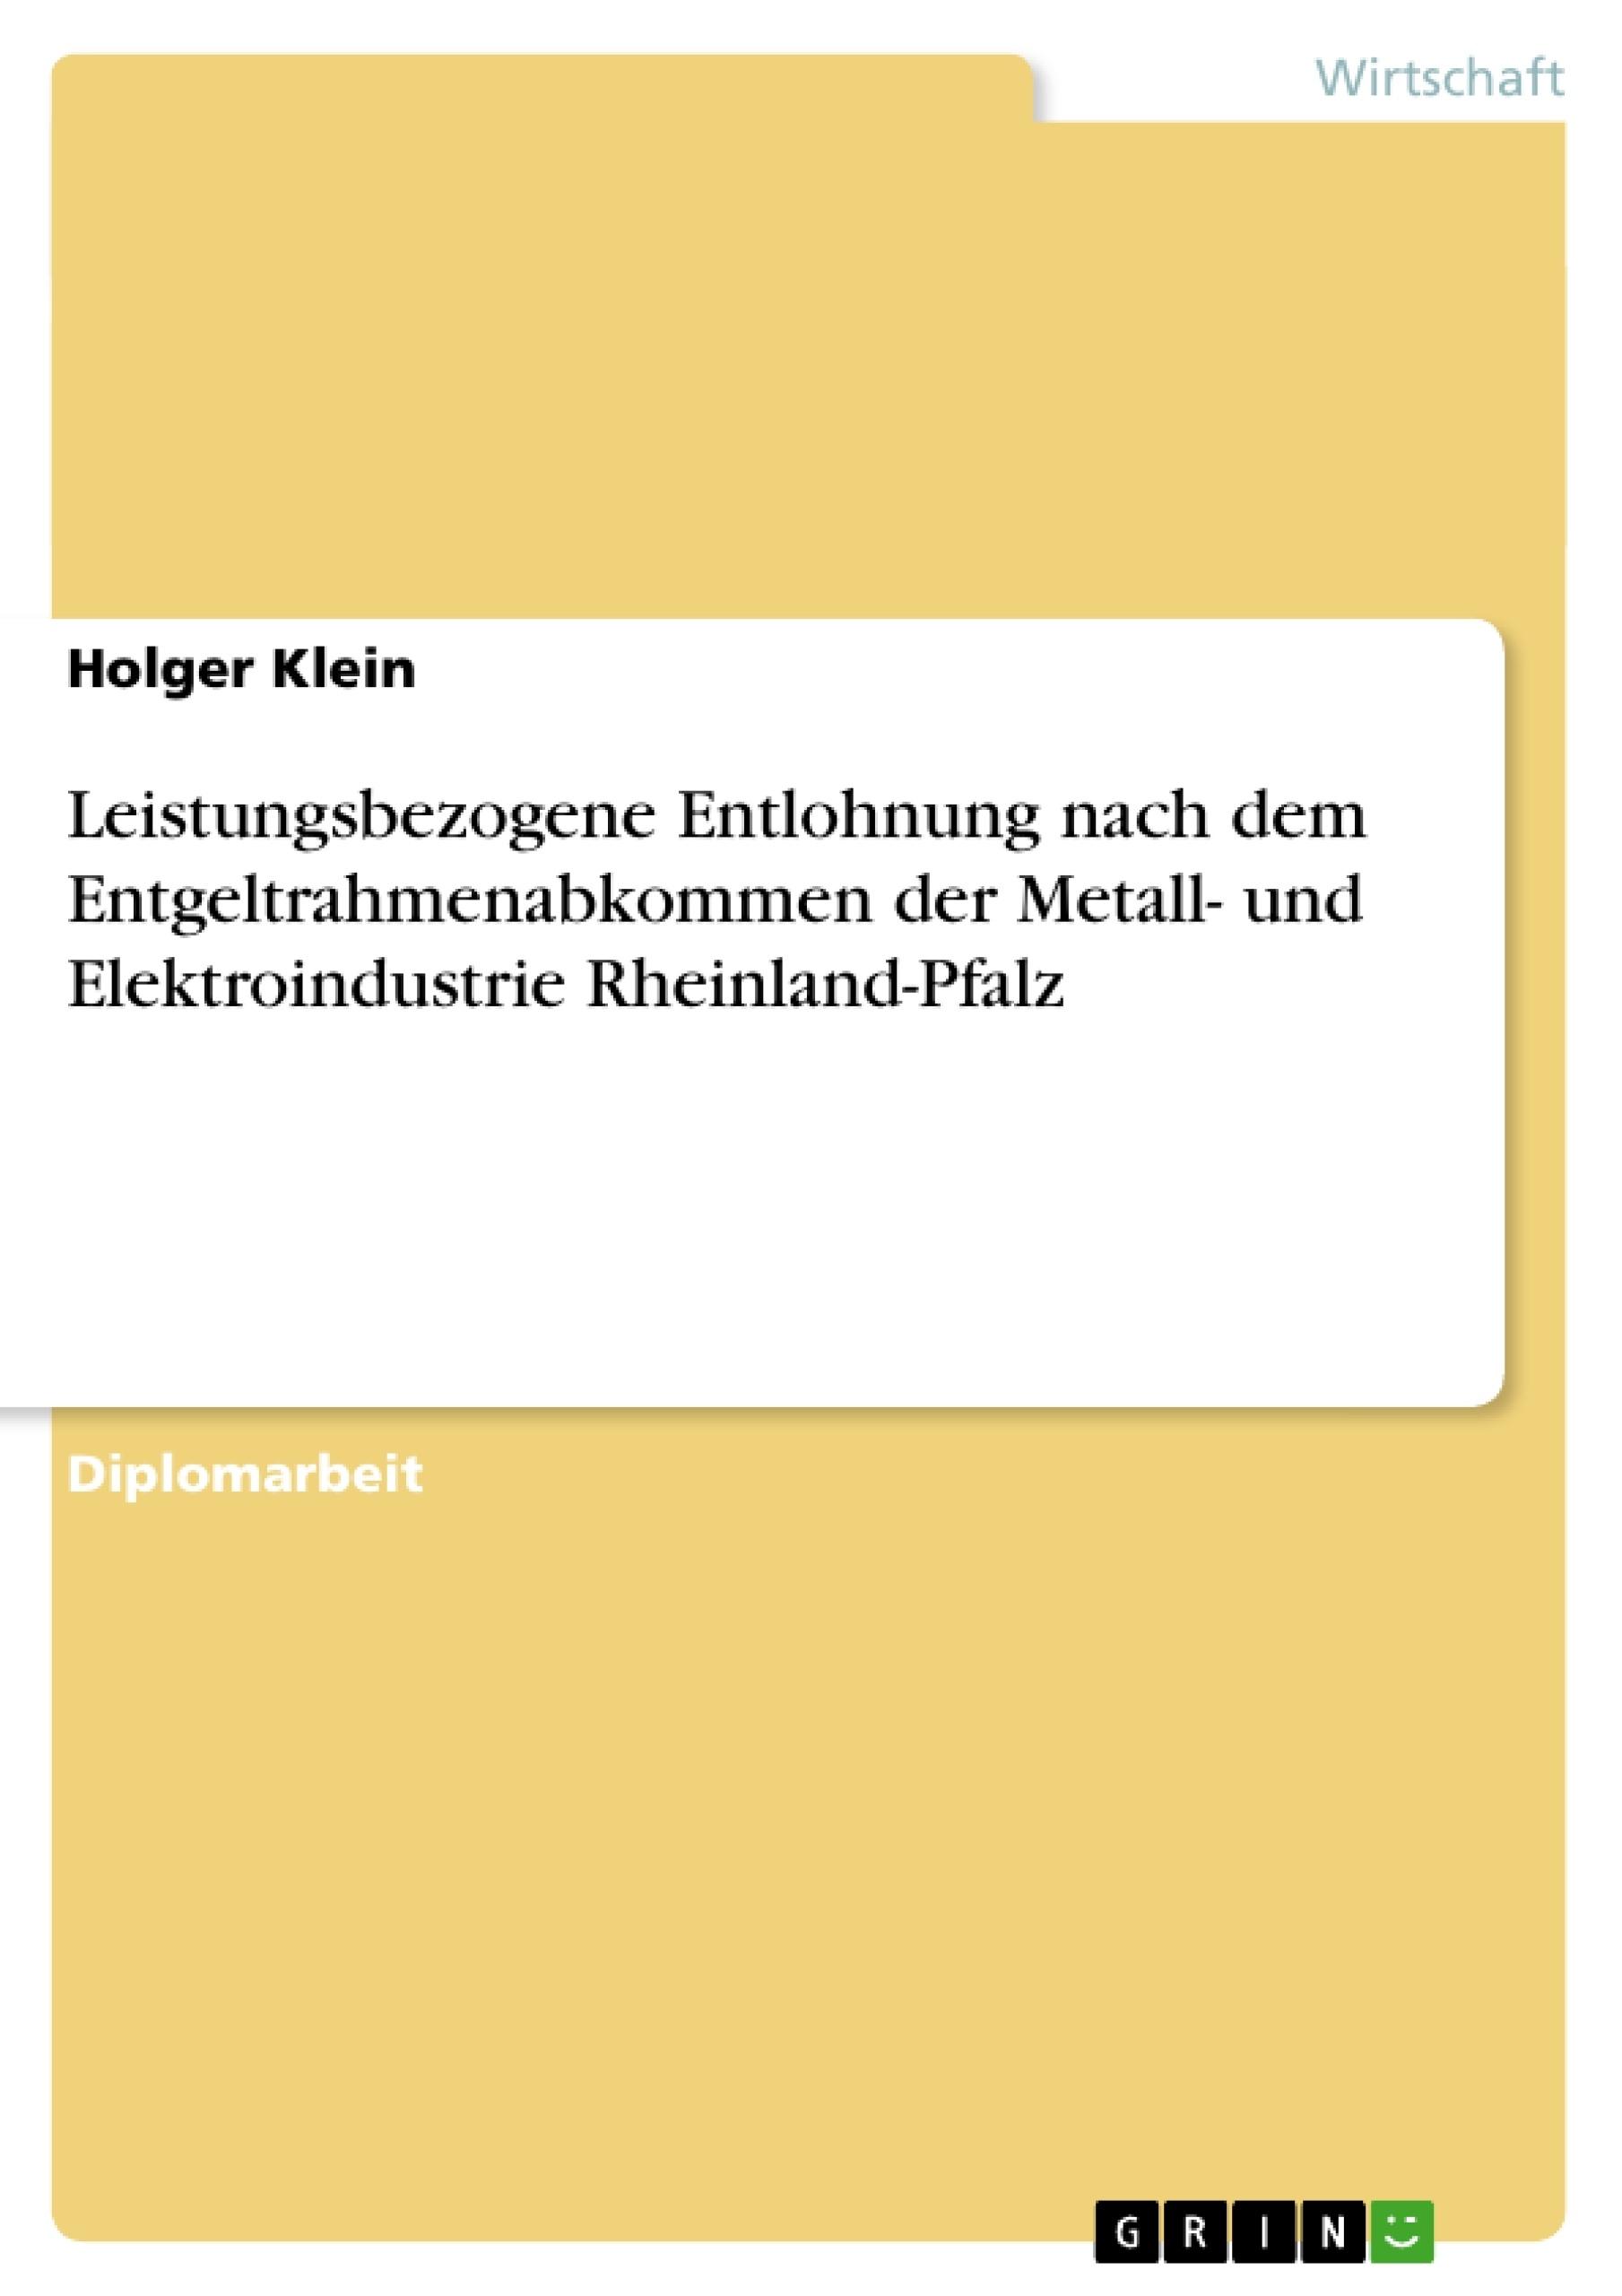 Titel: Leistungsbezogene Entlohnung nach dem Entgeltrahmenabkommen der Metall- und Elektroindustrie Rheinland-Pfalz